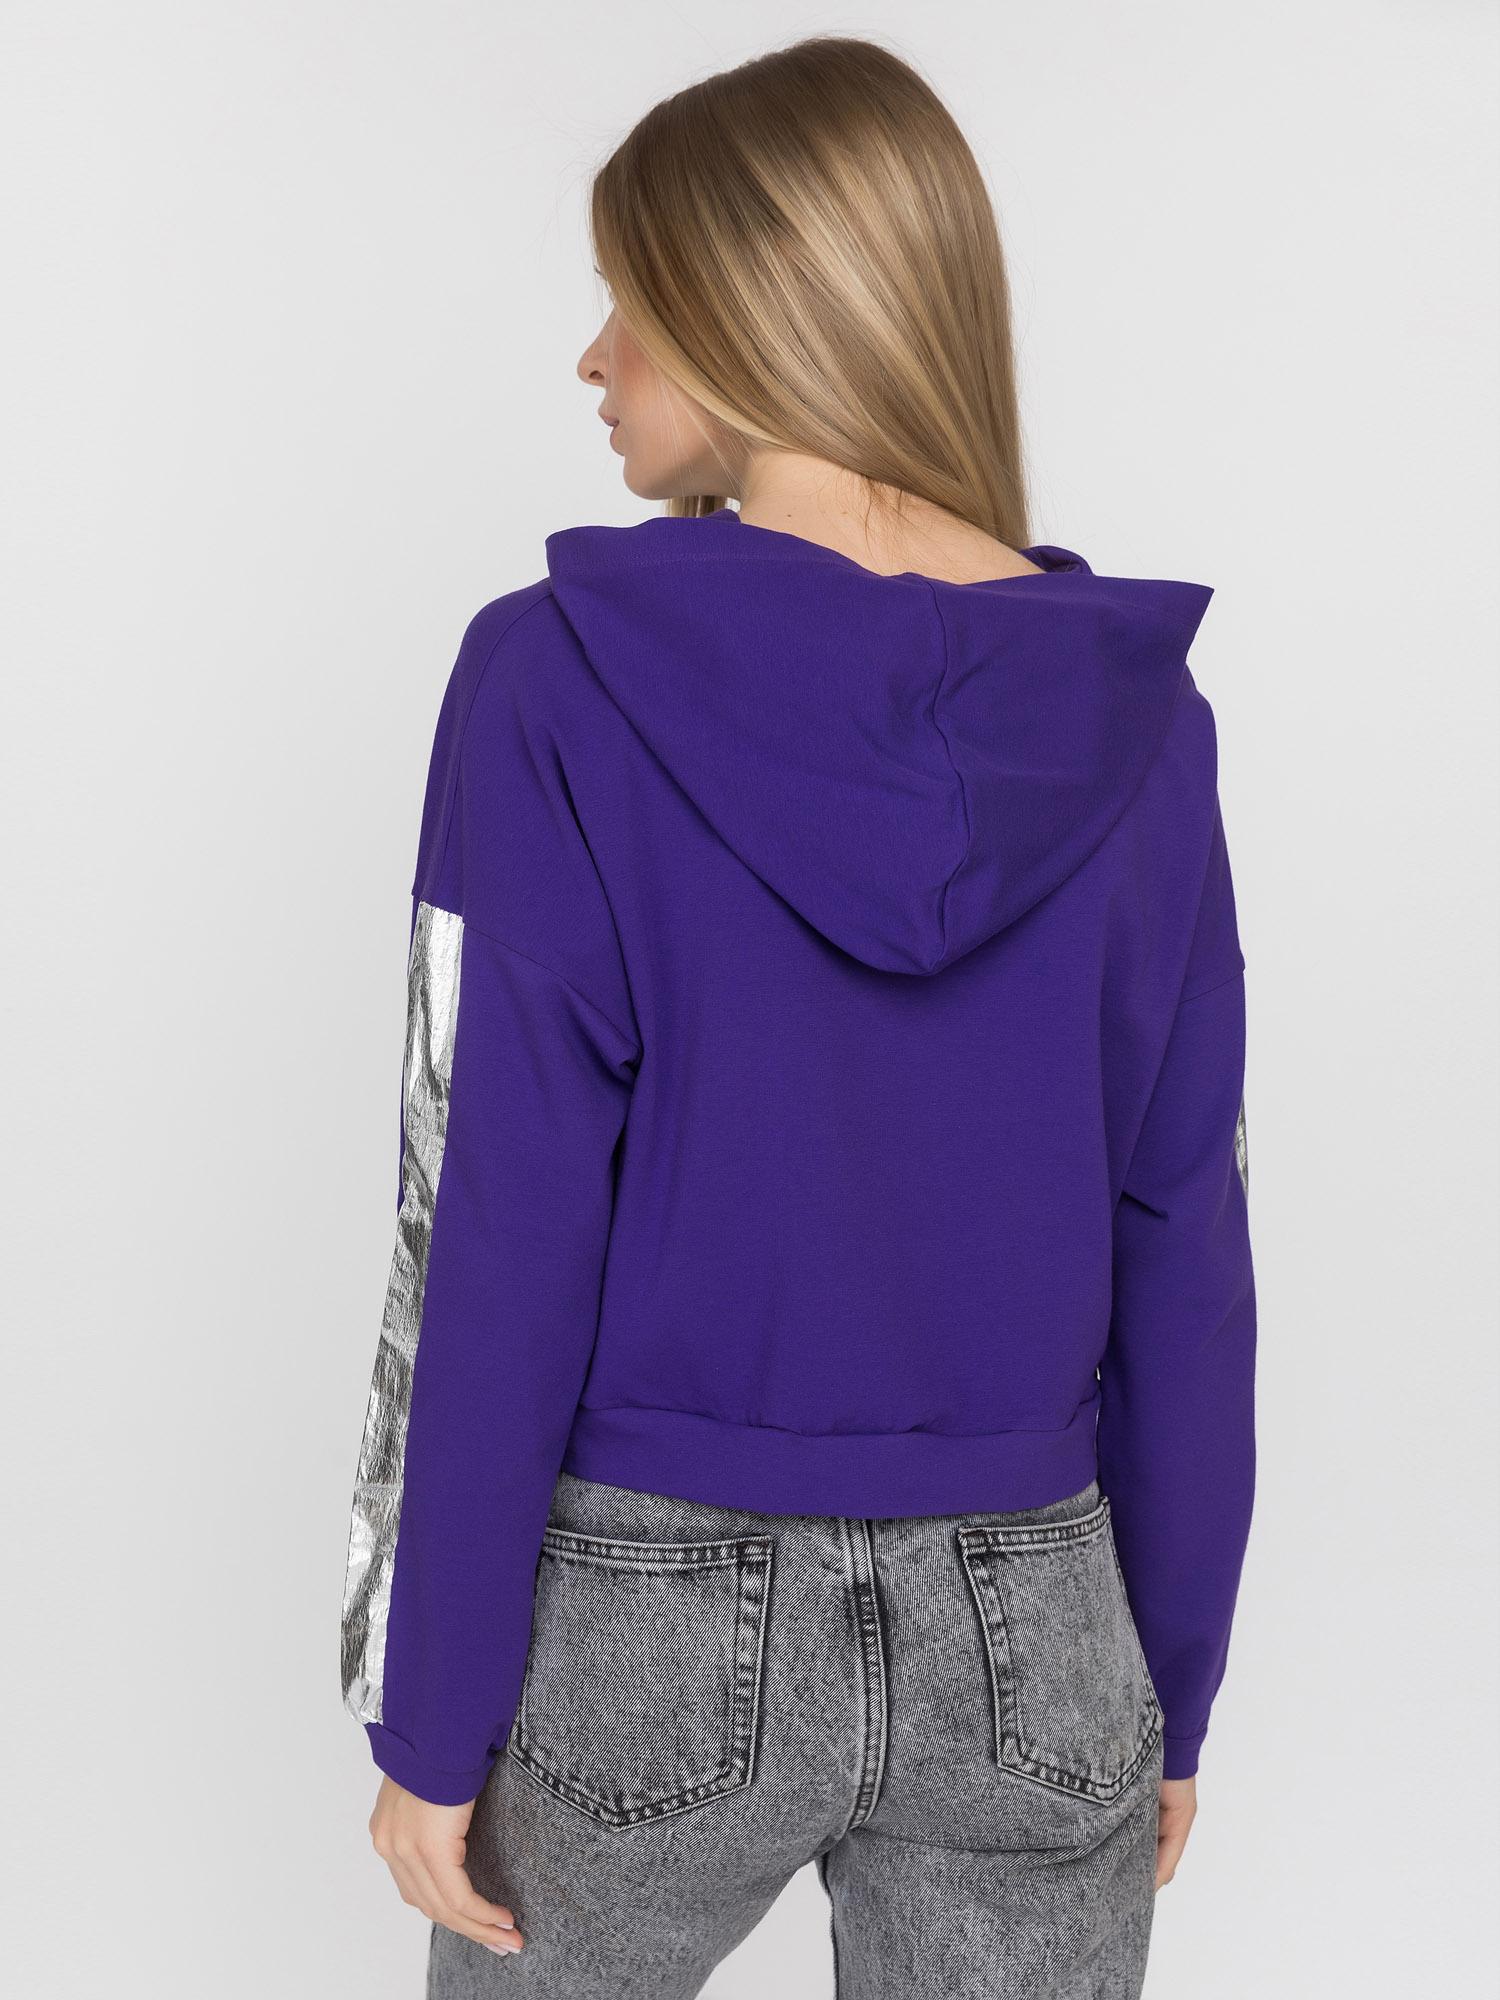 фиолетовый свитшот купить